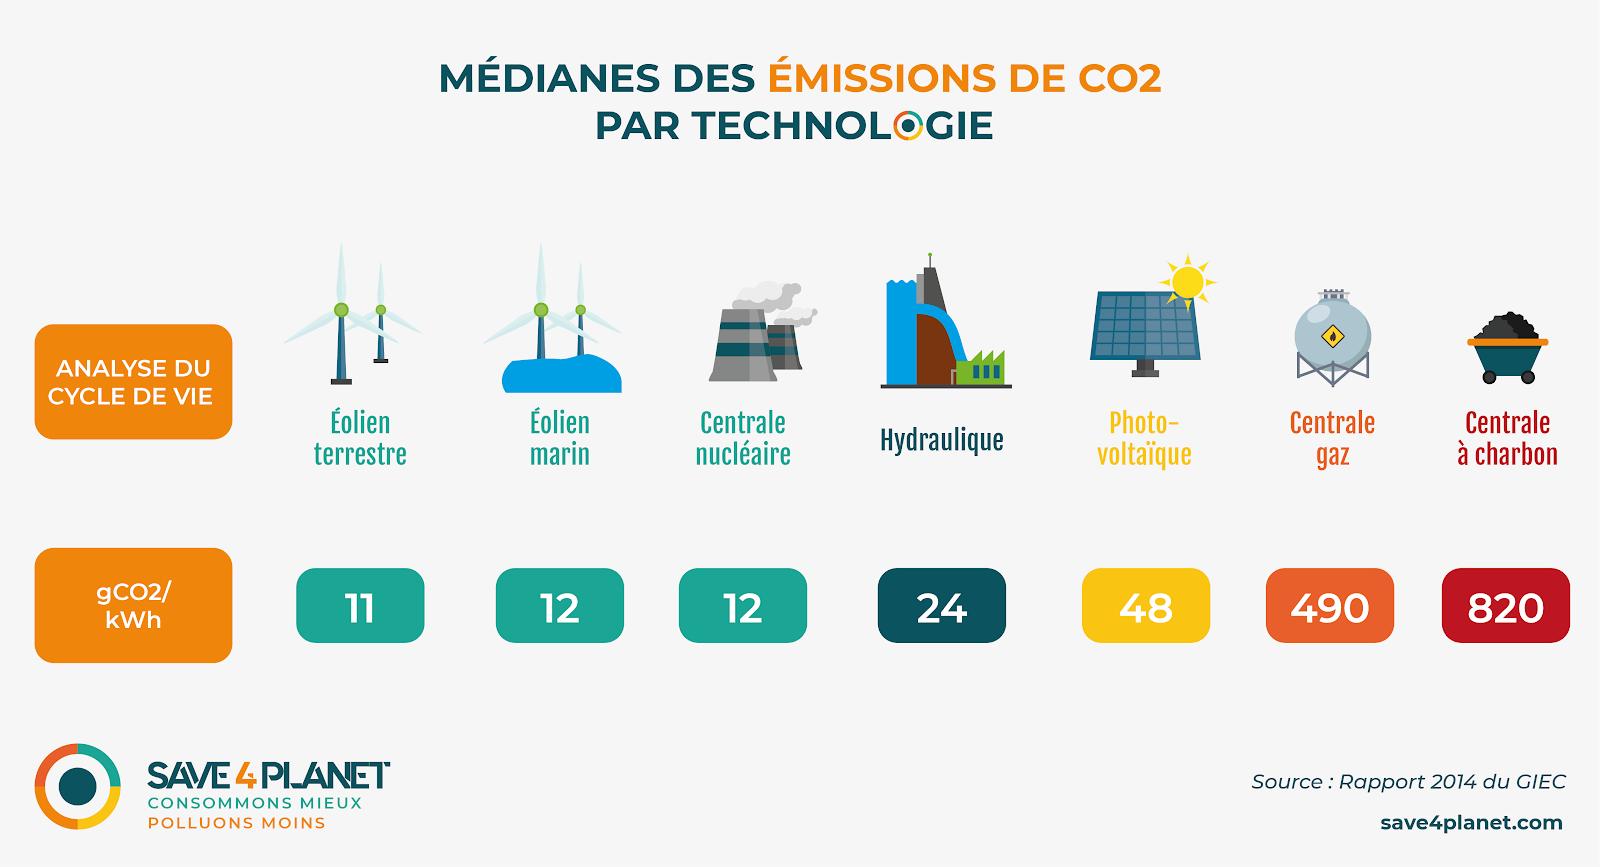 Illustration de la mediane des emissions de CO2 par technologie de production d'électricite